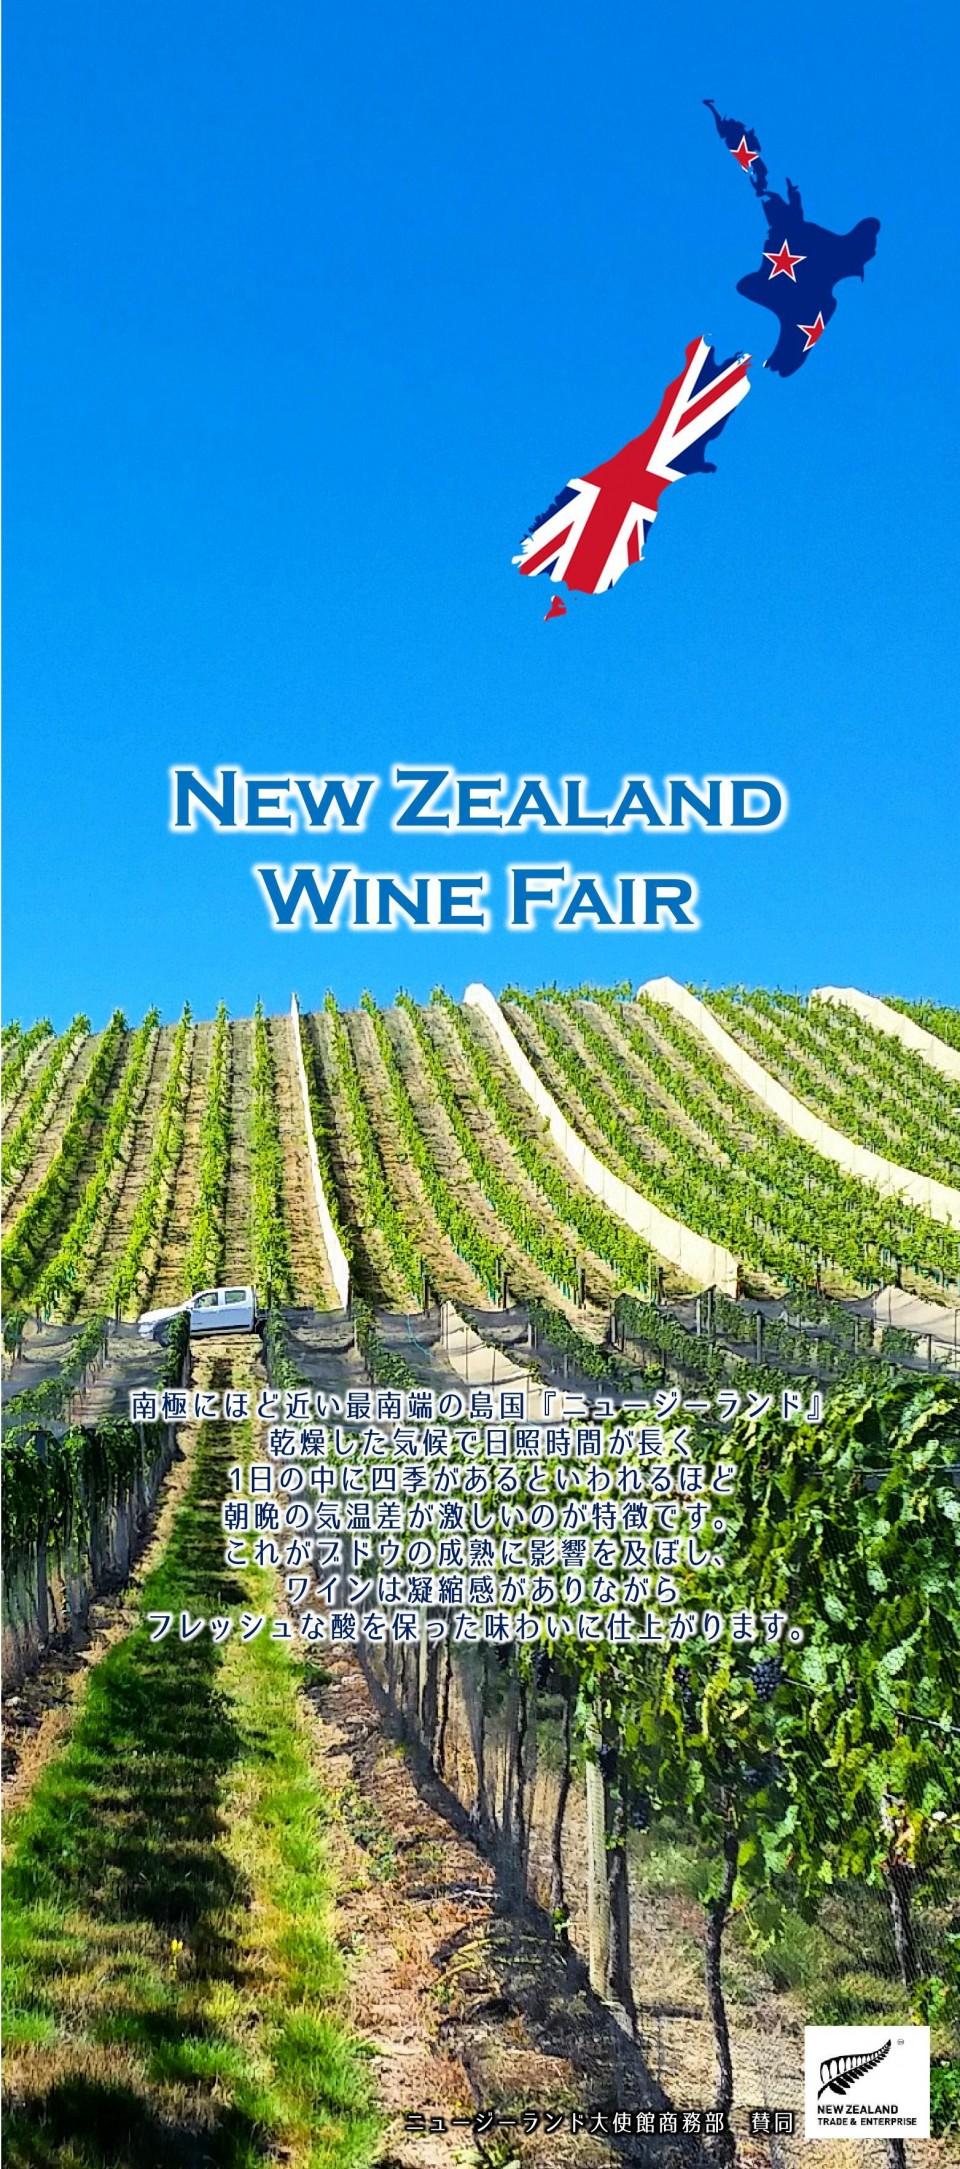 ニュージーランドワインフェア_common cafe様3店舗共通_HP告知用